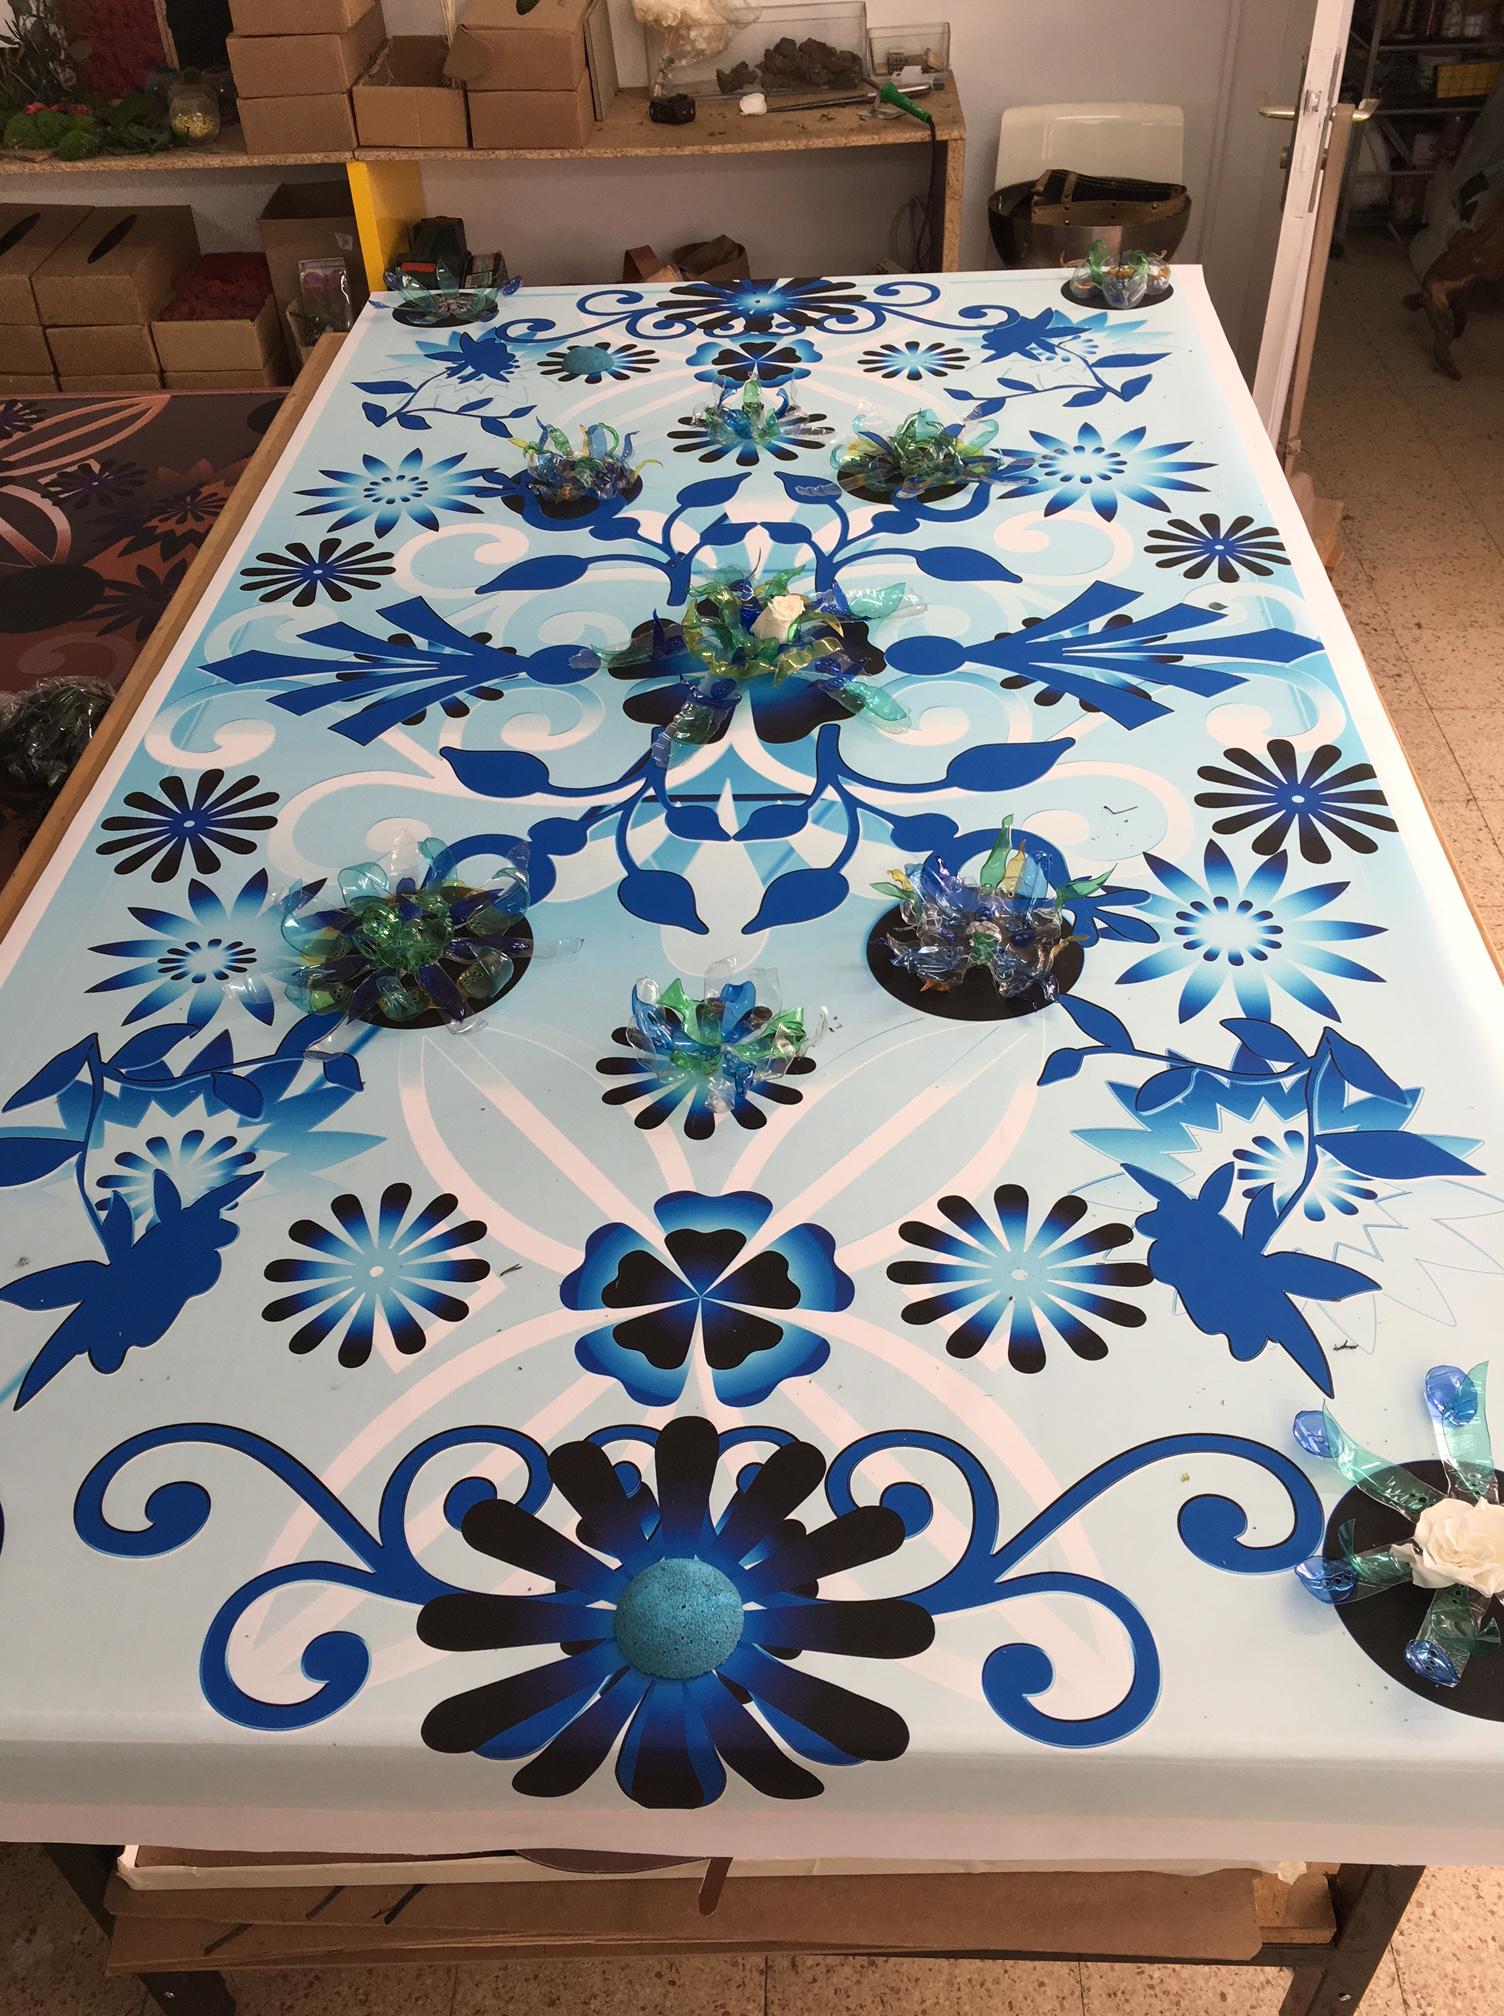 Las alfombras voladoras de claudia bonollo y wanda romano para monamour natural design en estampa 2016